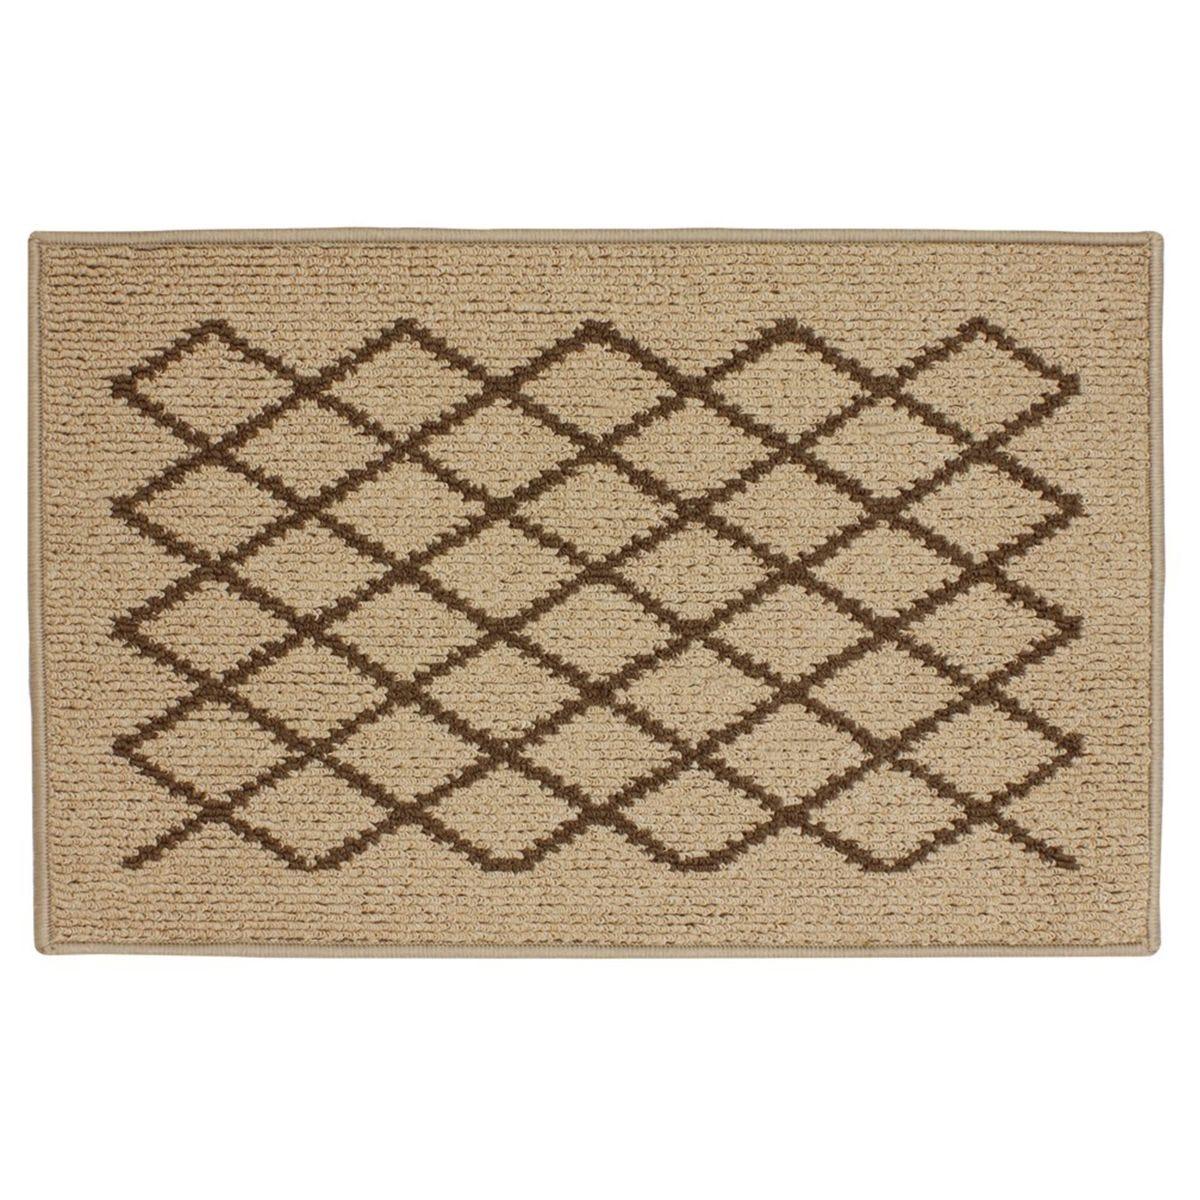 JVL 50x80cm Bergamo Doormat - Beige/Brown